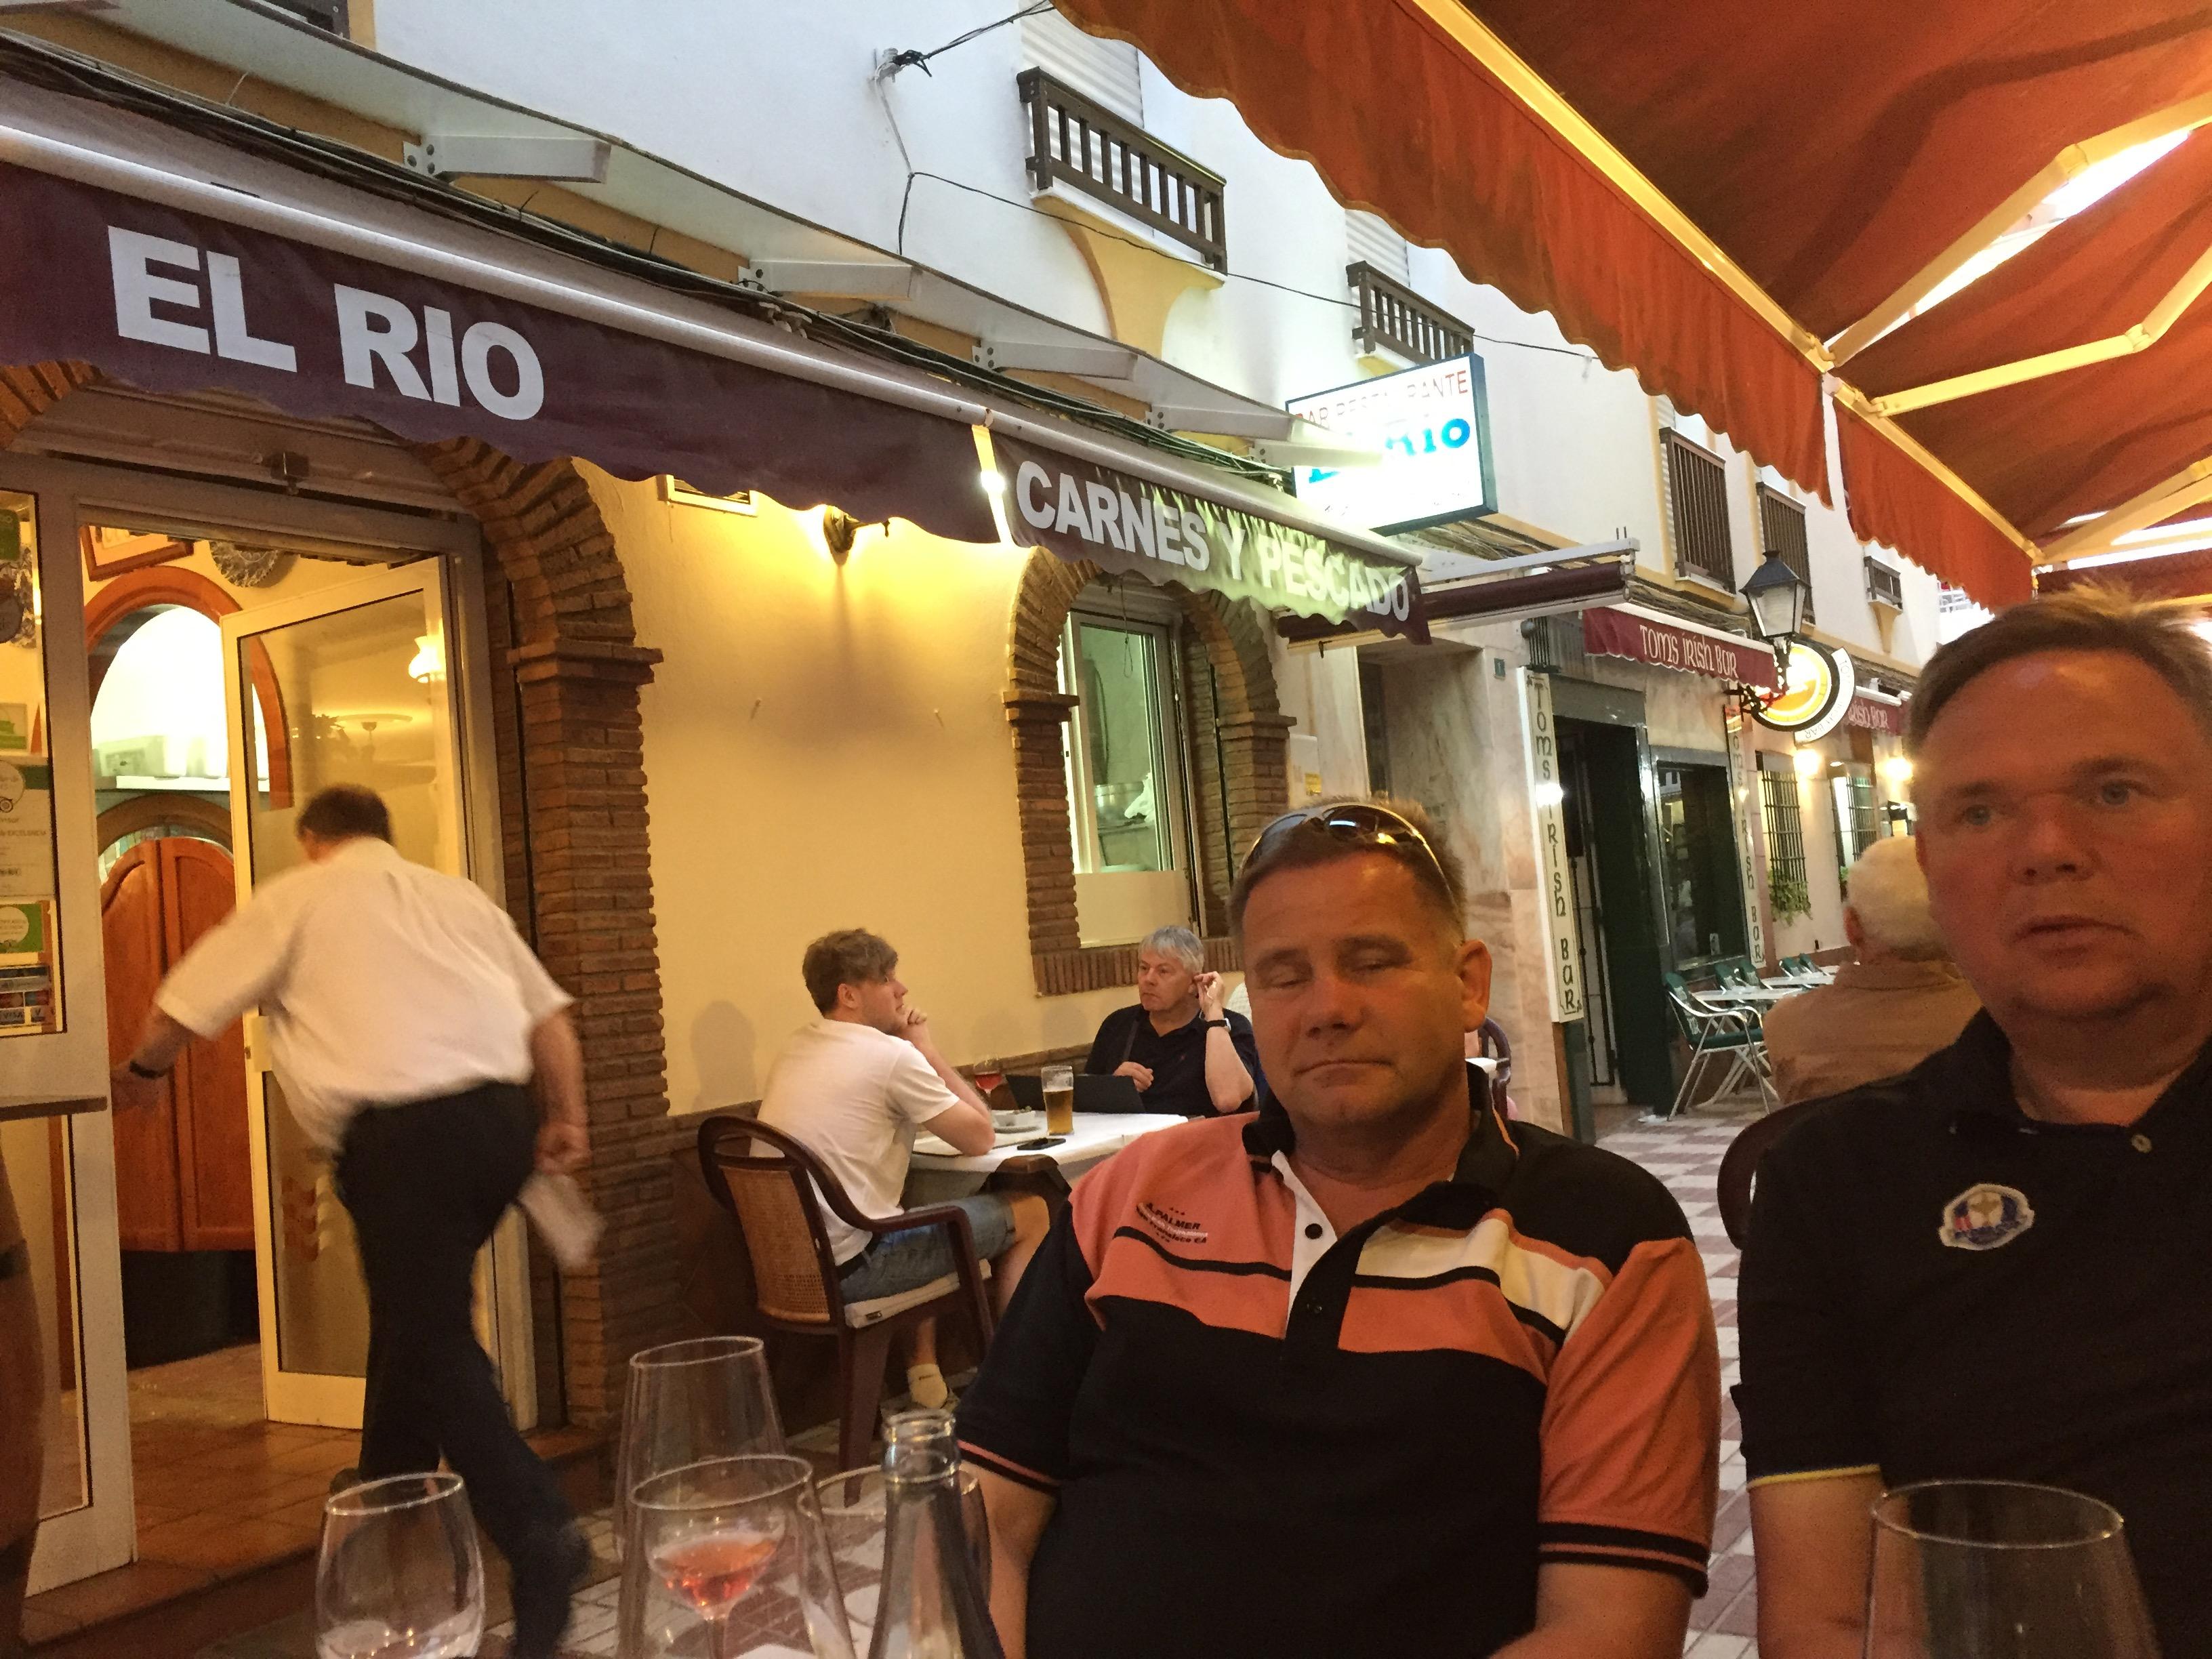 IMG_7392 SPISER PÅ EL RIO